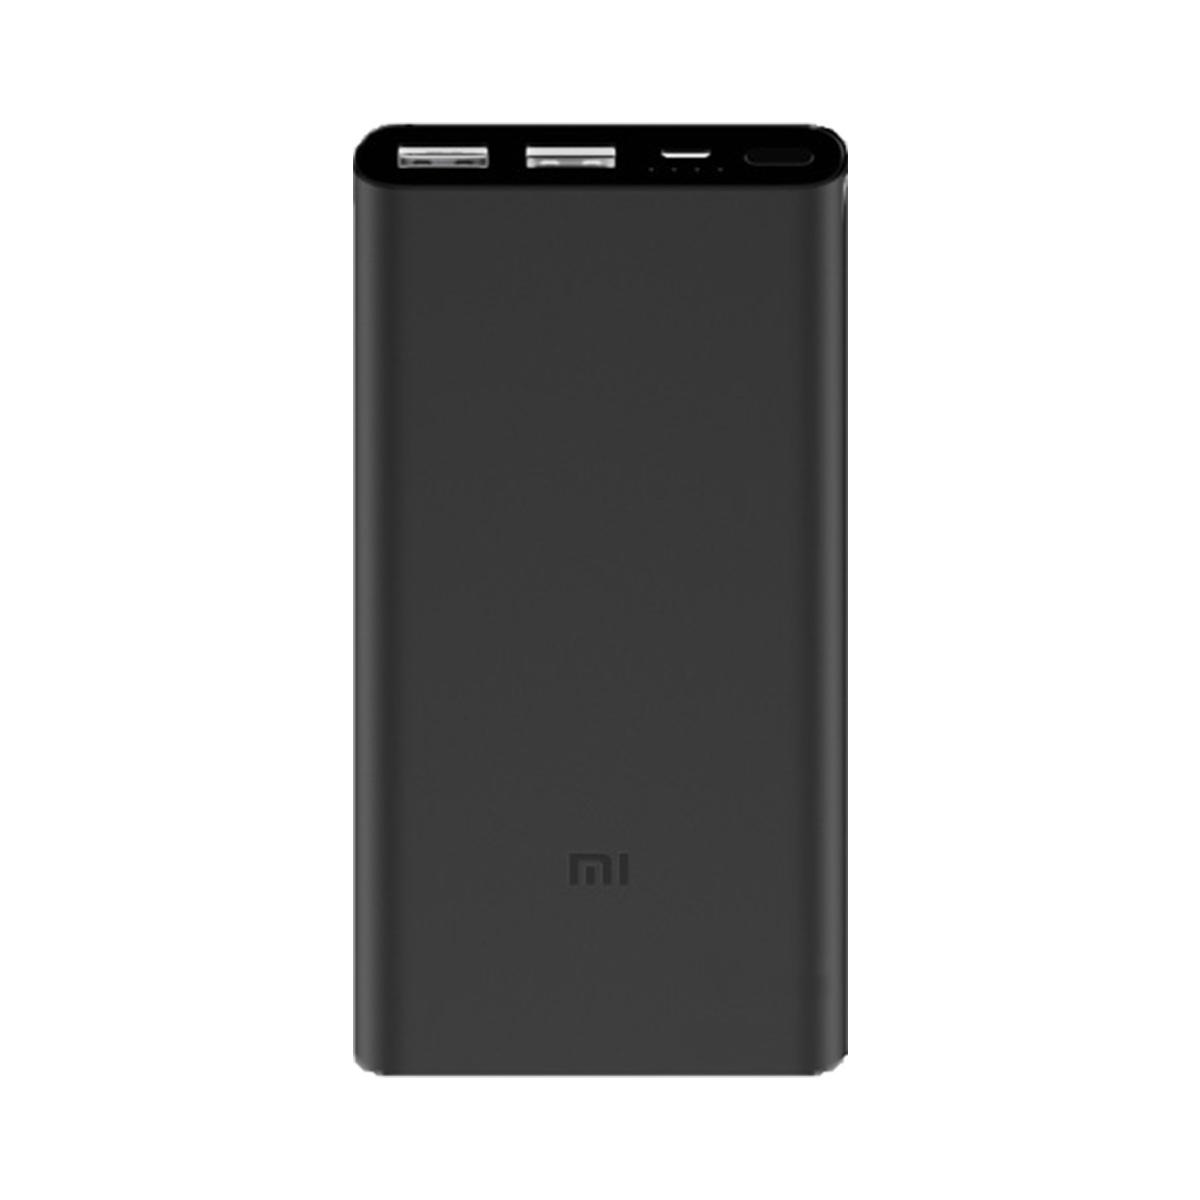 Зарядное устройство Xiaomi Power Bank 10000 мАч, черный